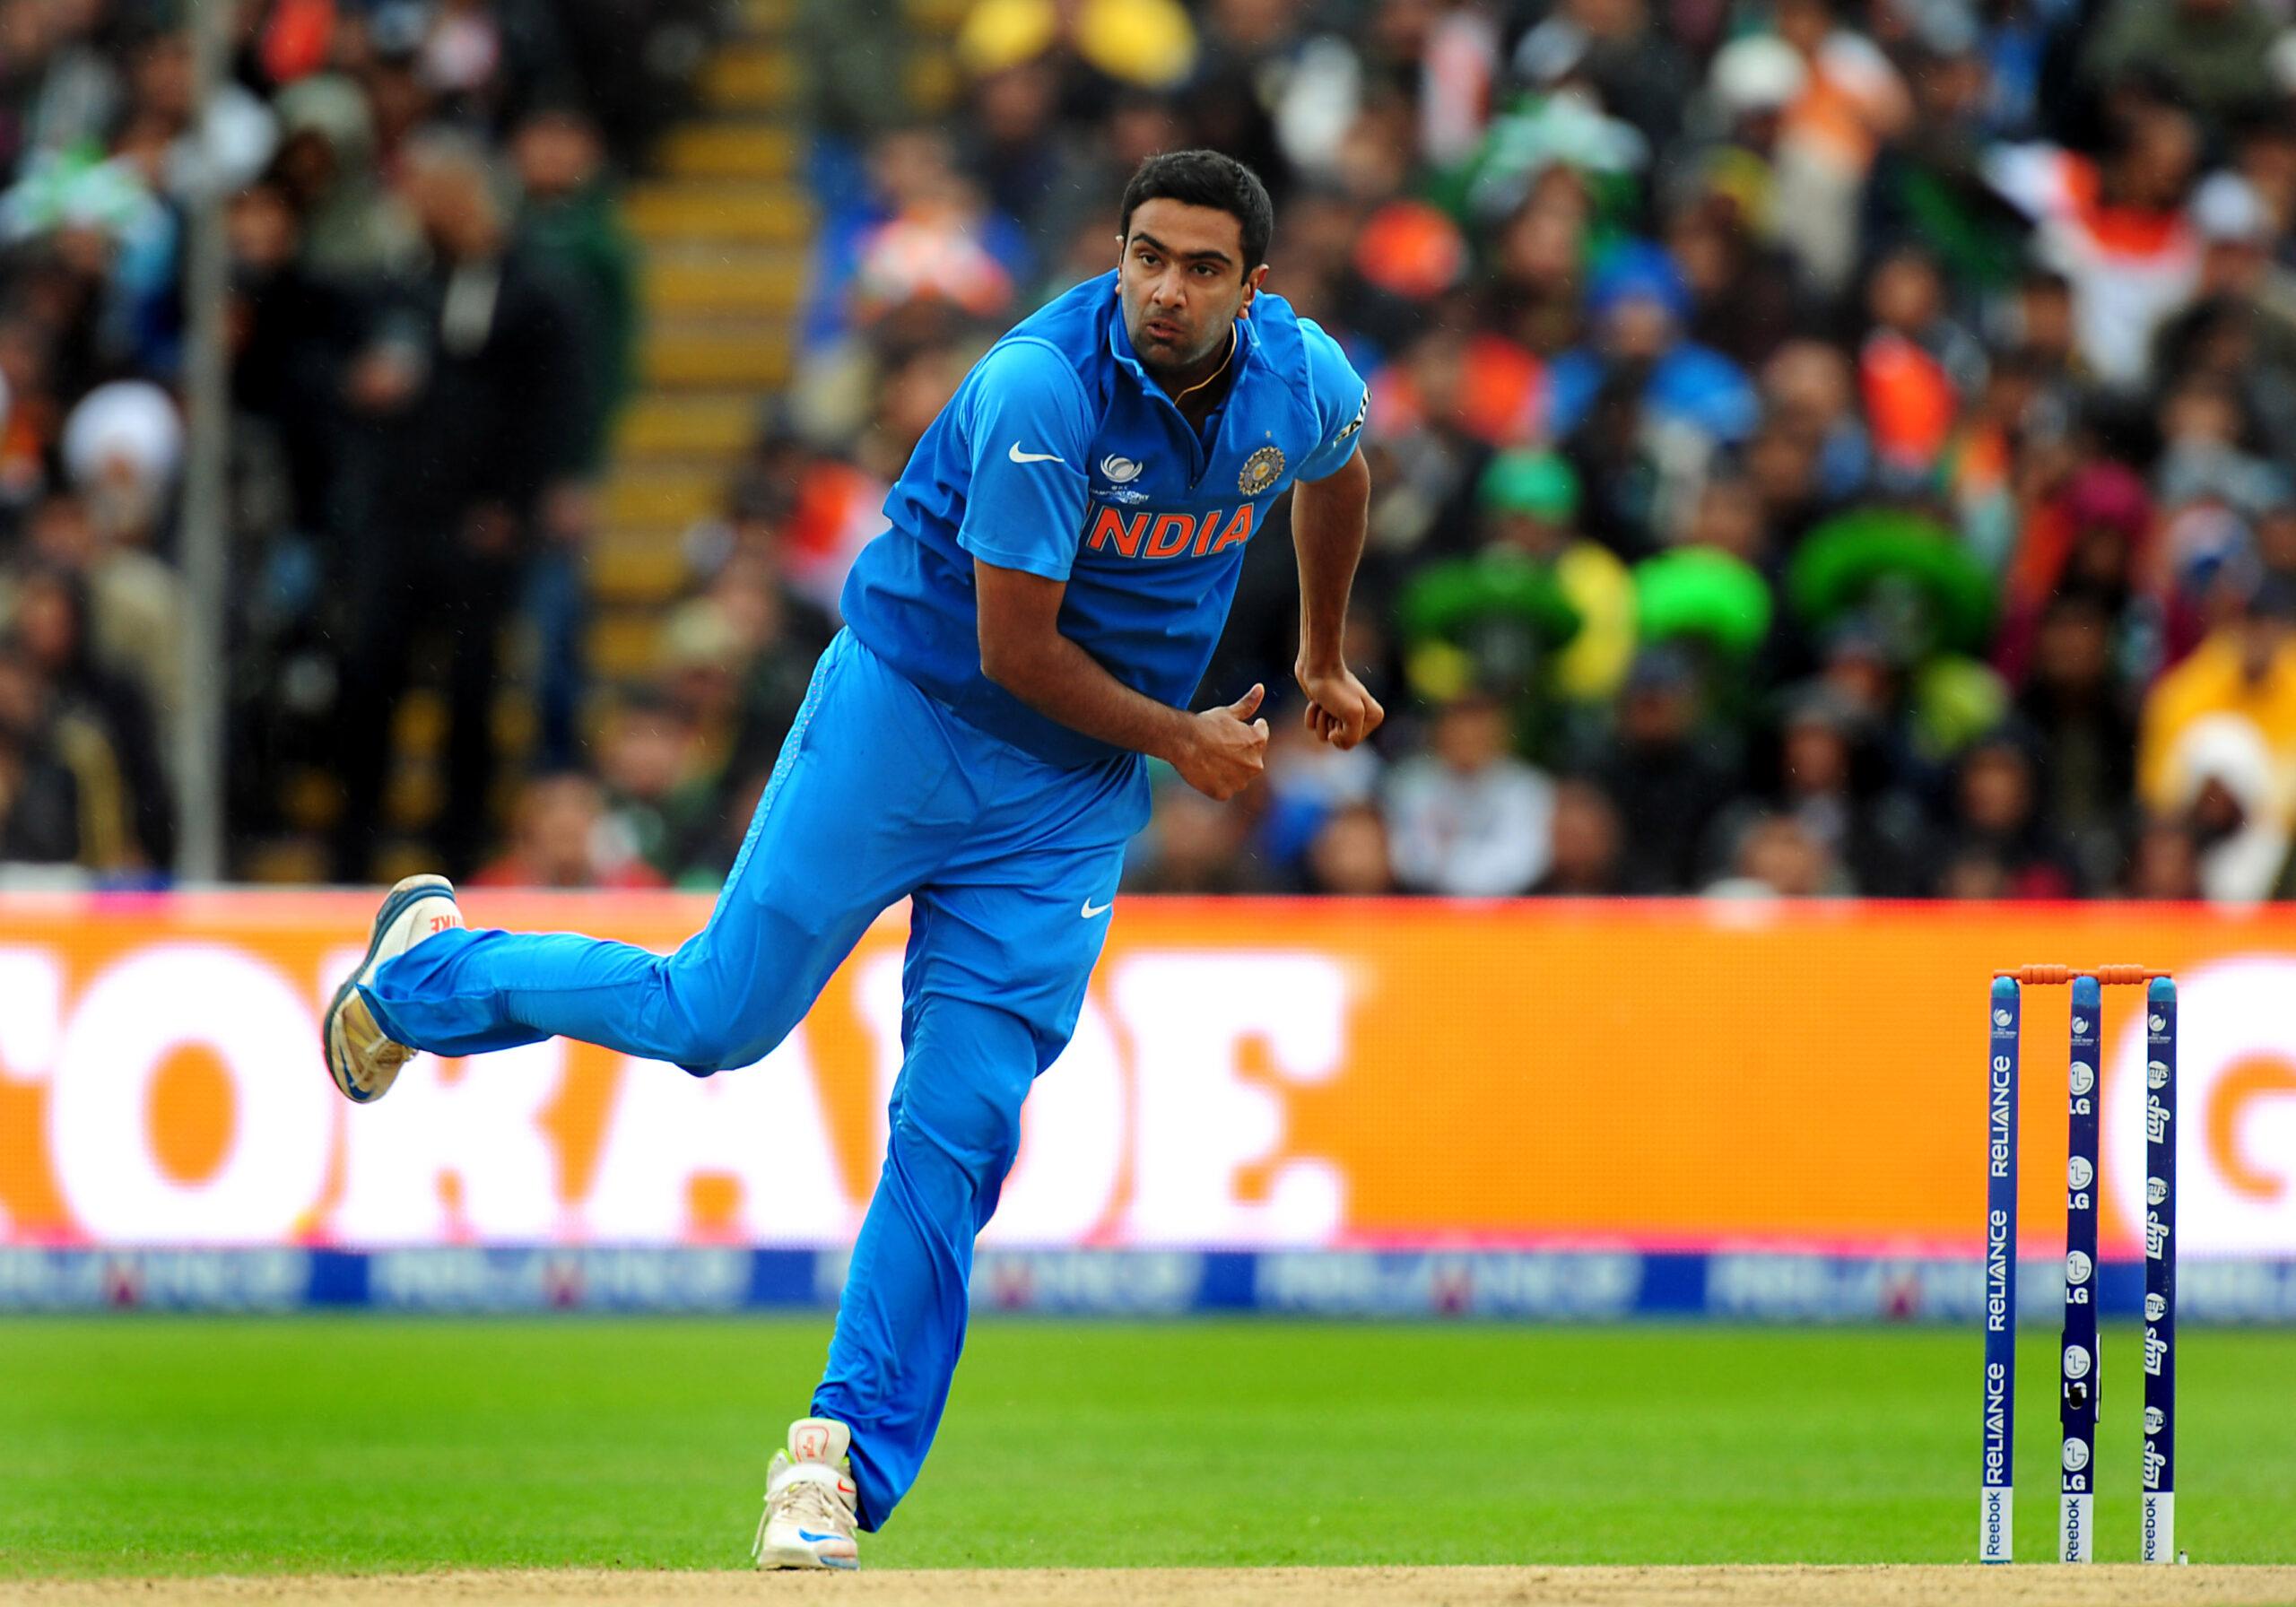 क्या अश्विन खेल पायेंगे भारत के लिए टी-20? सुनील गावस्कर ने कसा तंज 3